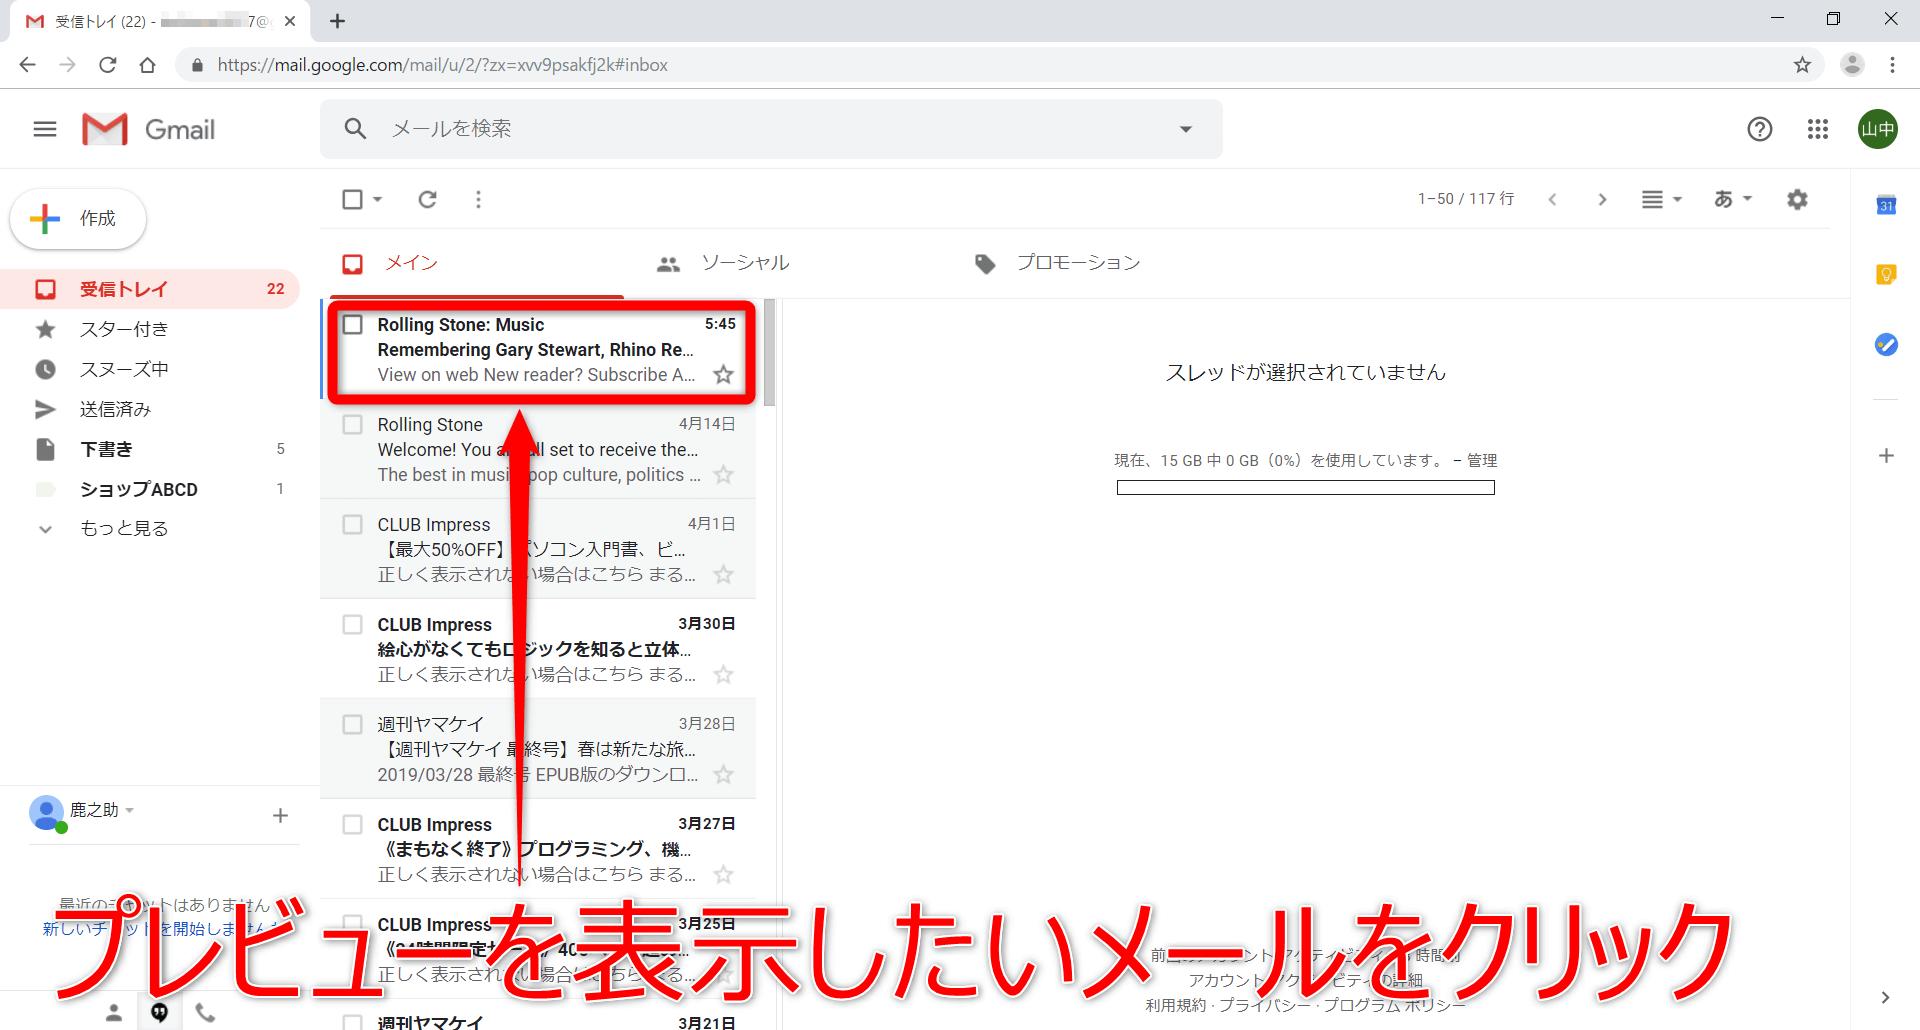 Gmail(ジーメール)のメイン画面にプレビューパネル(垂直分割)が表示された画面